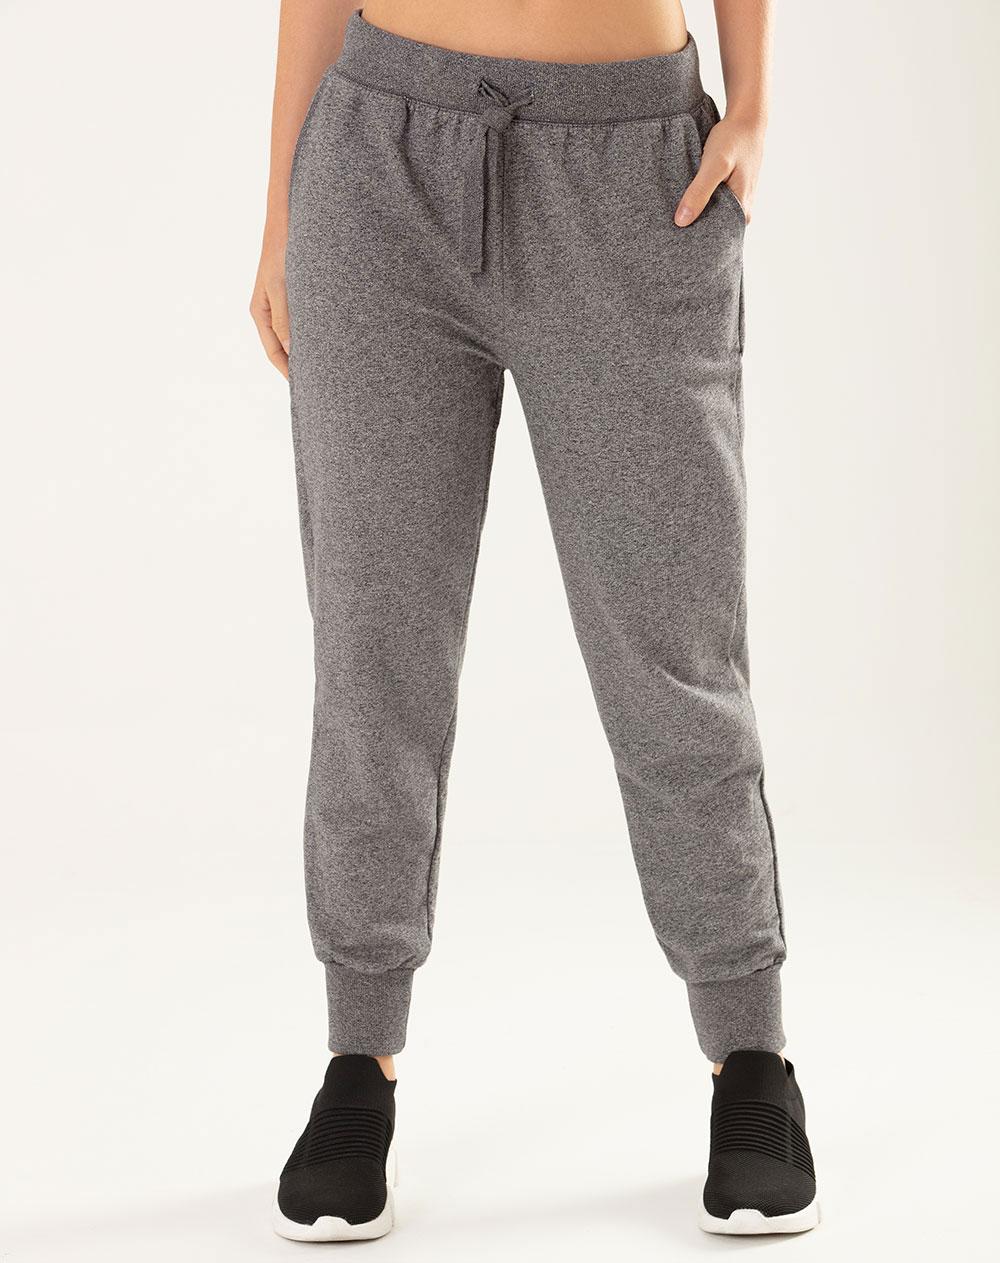 venta caliente online 56005 786de Pantalón para Mujer Abicus Gris Heather Mock Twist Gef